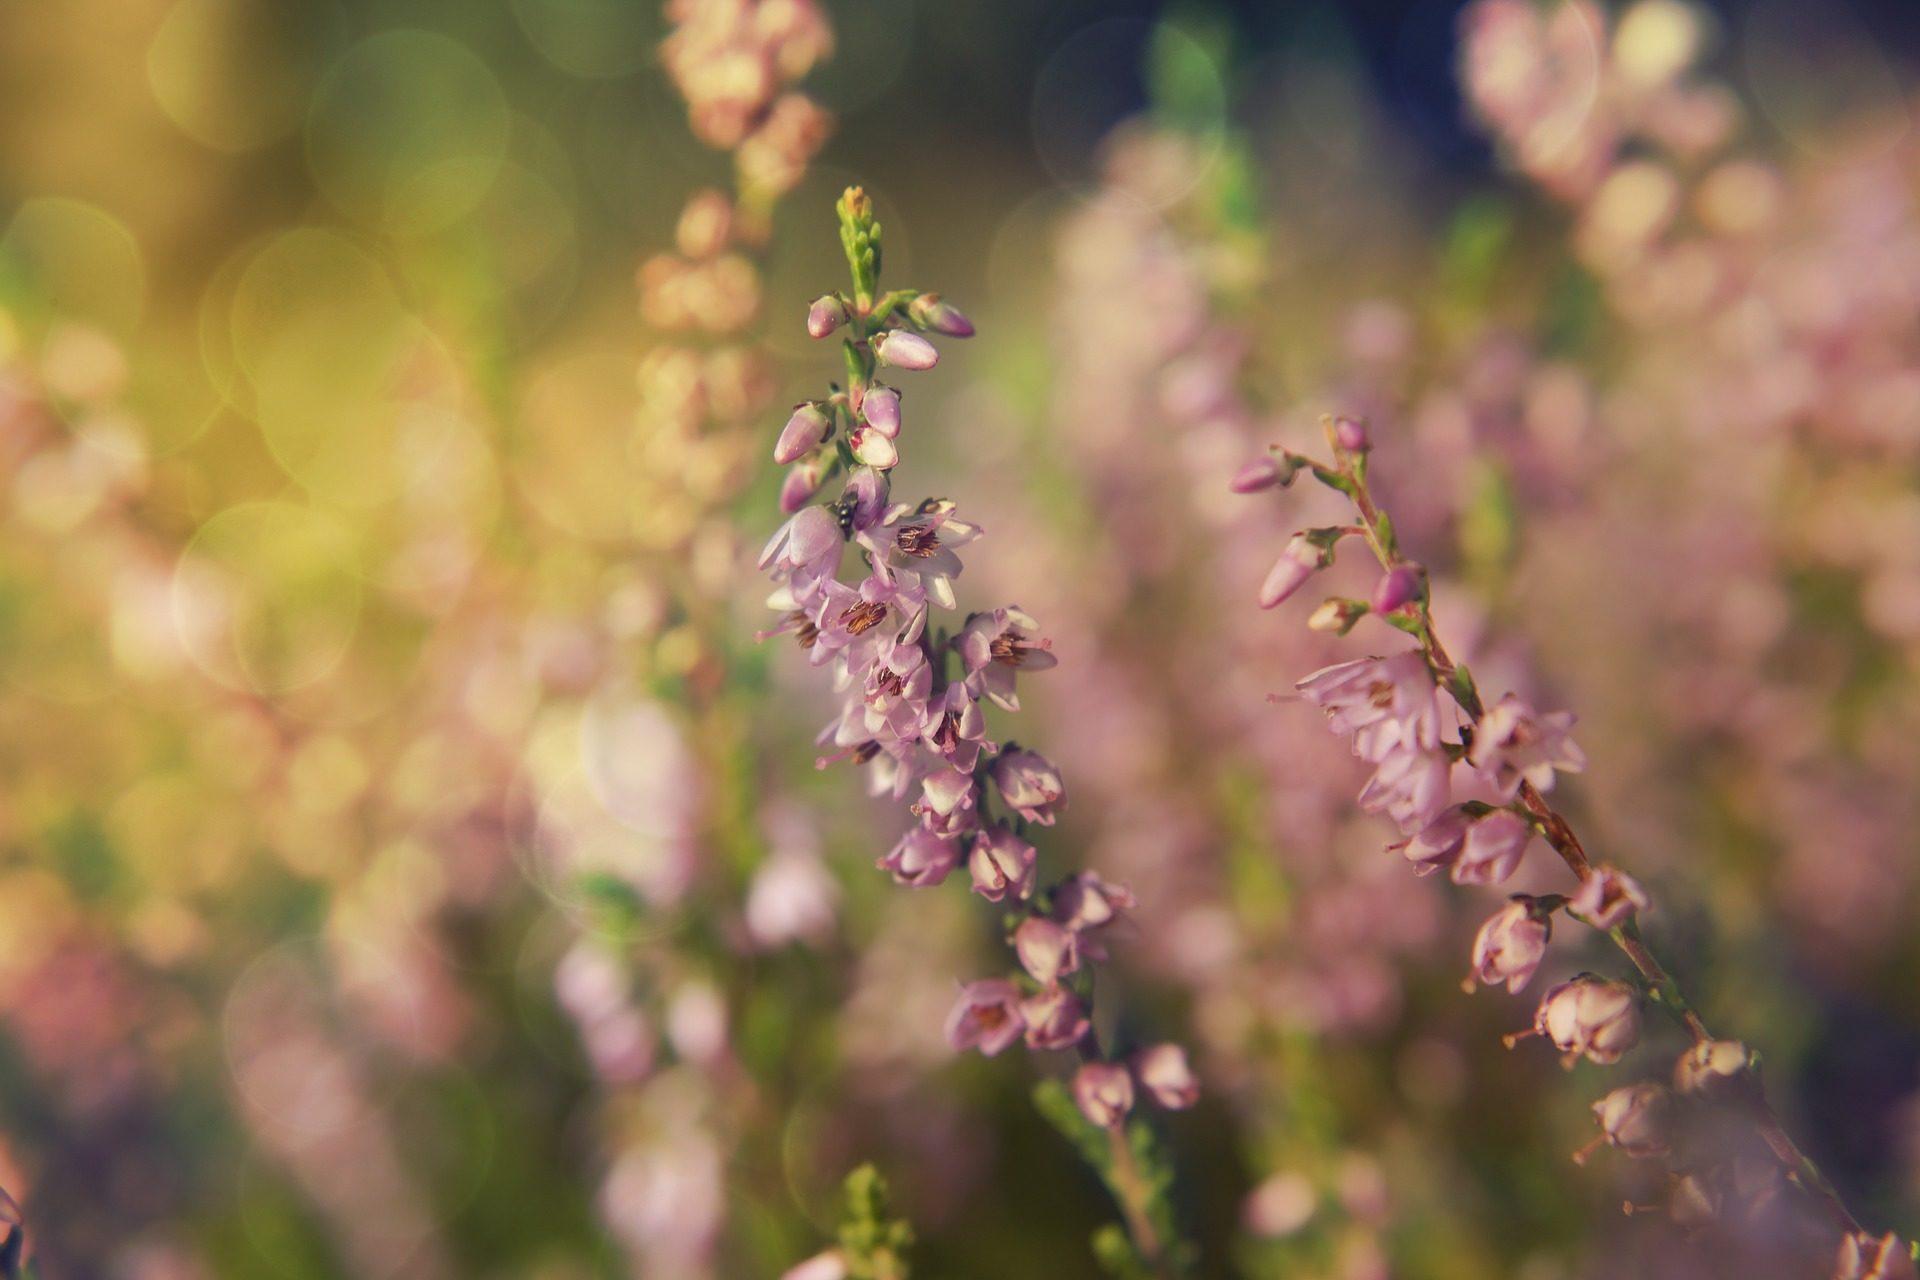 फूल, संयंत्रों, ब्लूम, फ़ील्ड, वायलेट - HD वॉलपेपर - प्रोफेसर-falken.com